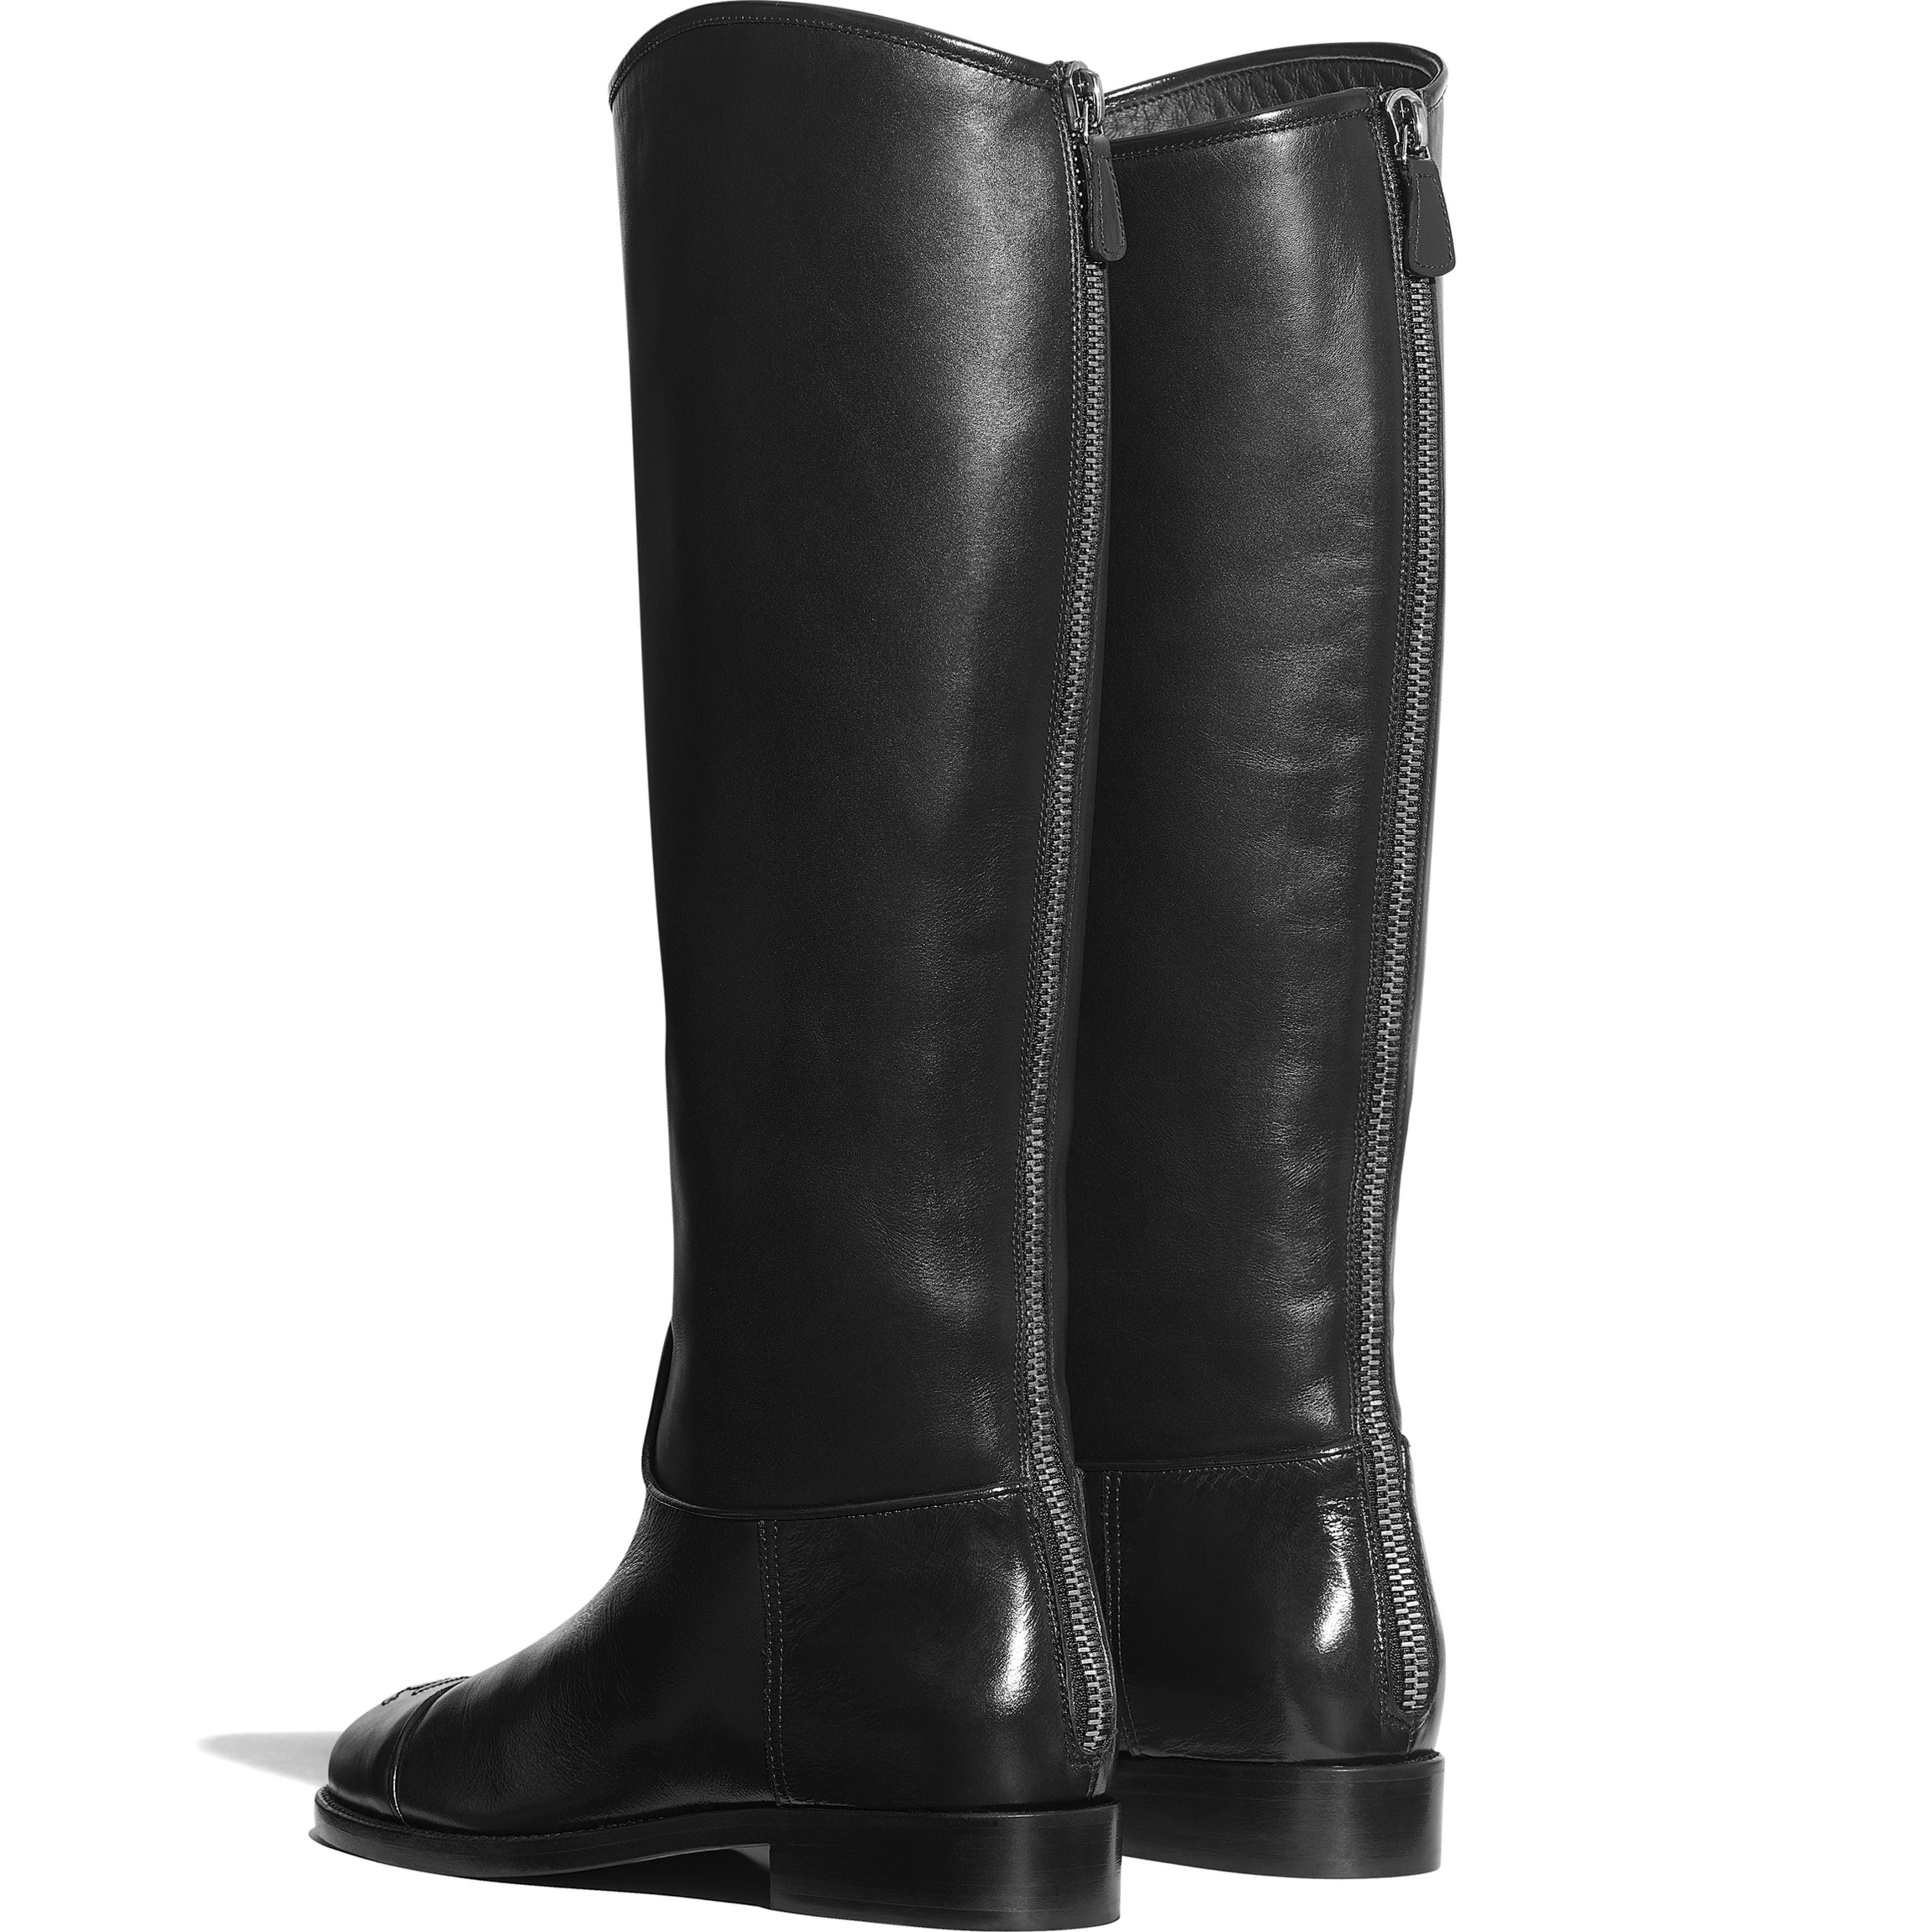 buy online 7a11a de068 Calfskin Black High Boots   CHANEL